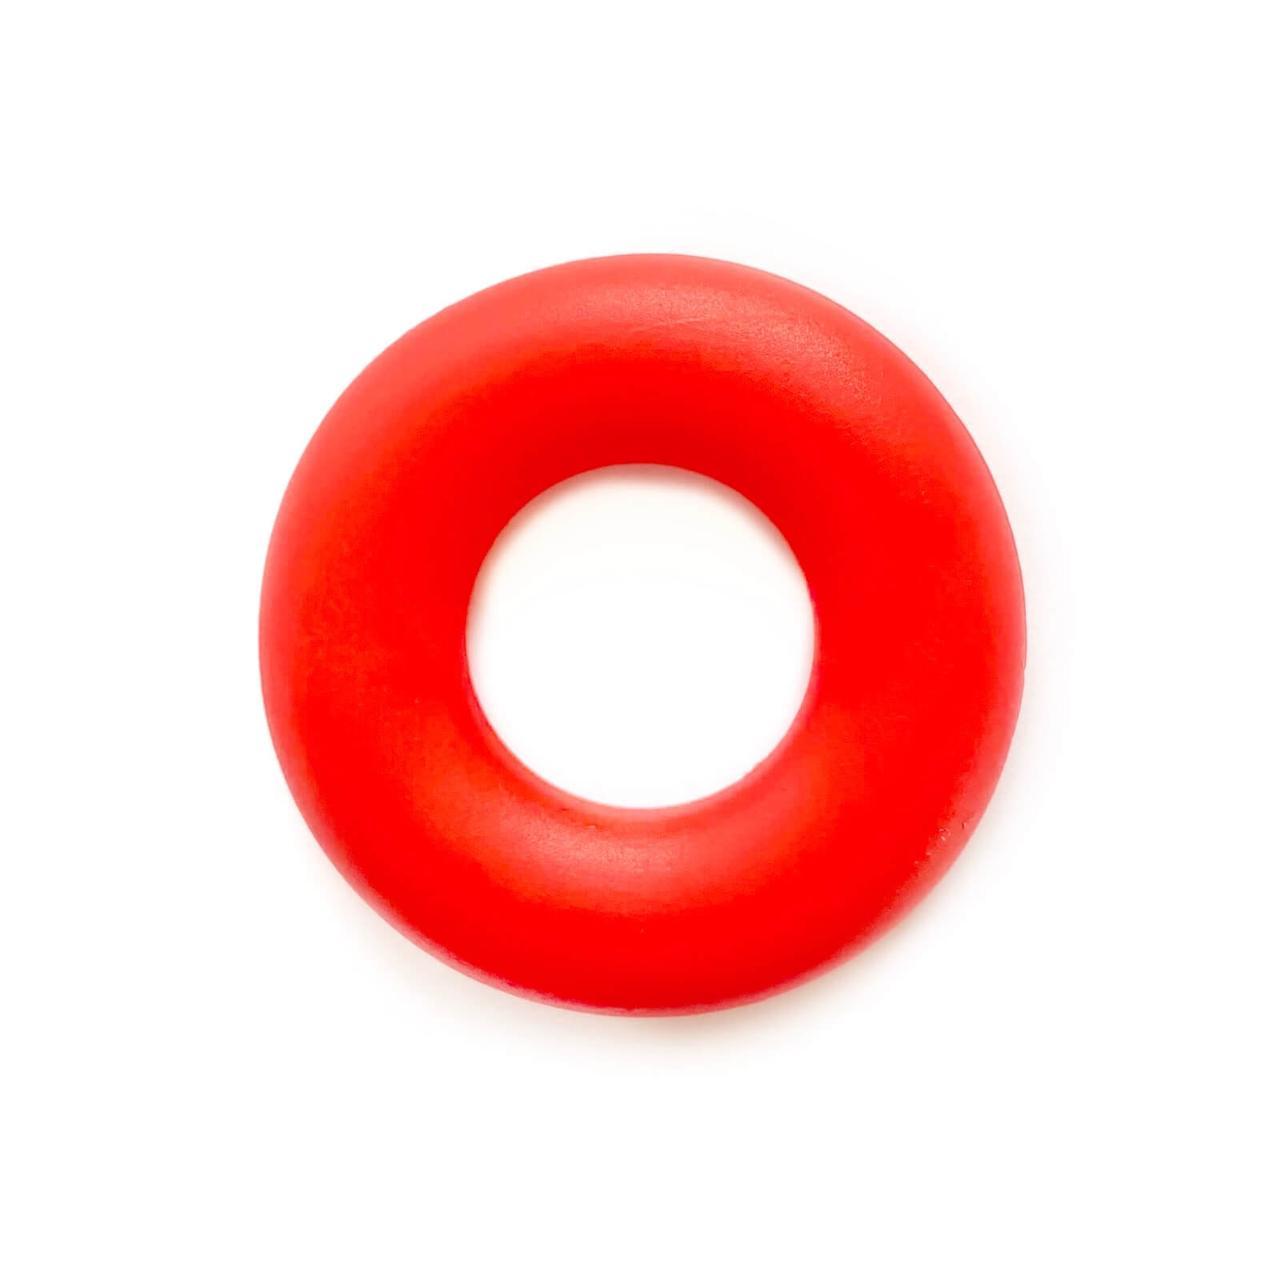 Колечко бублик (красный) 43мм, бусины из пищевого силикона